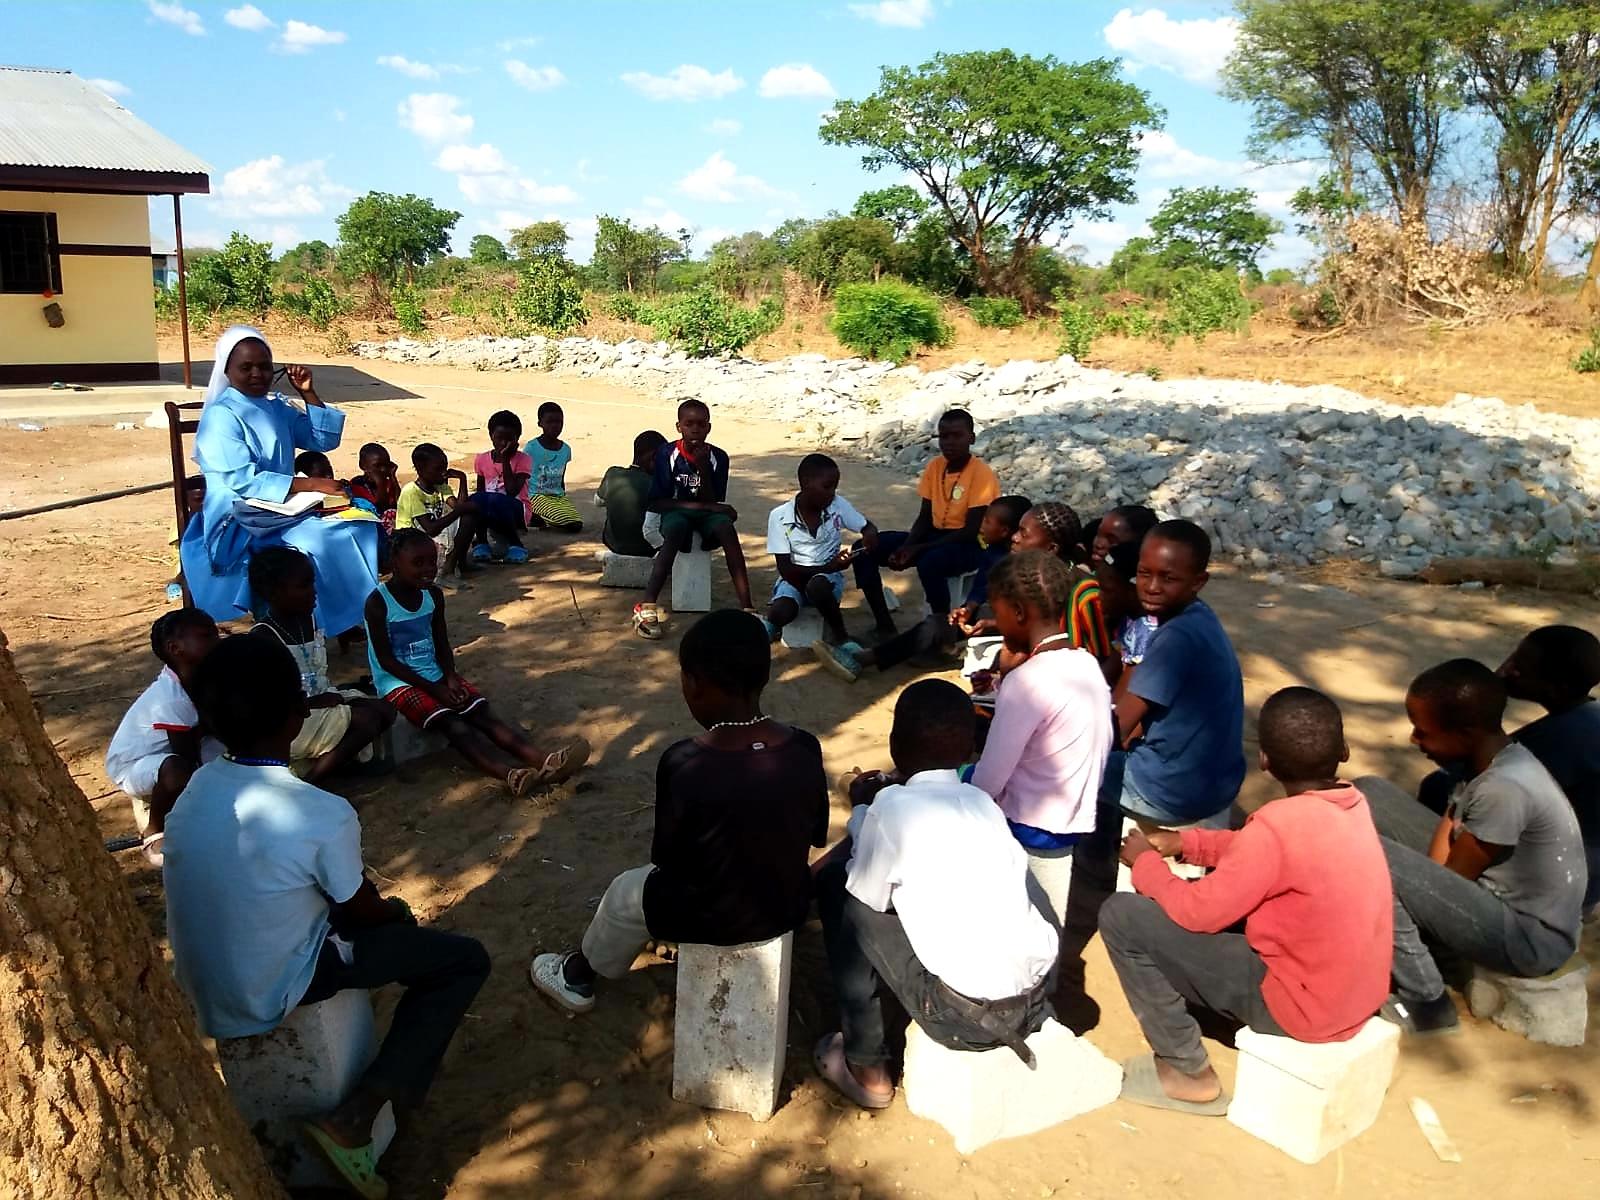 szkoła w Zambii